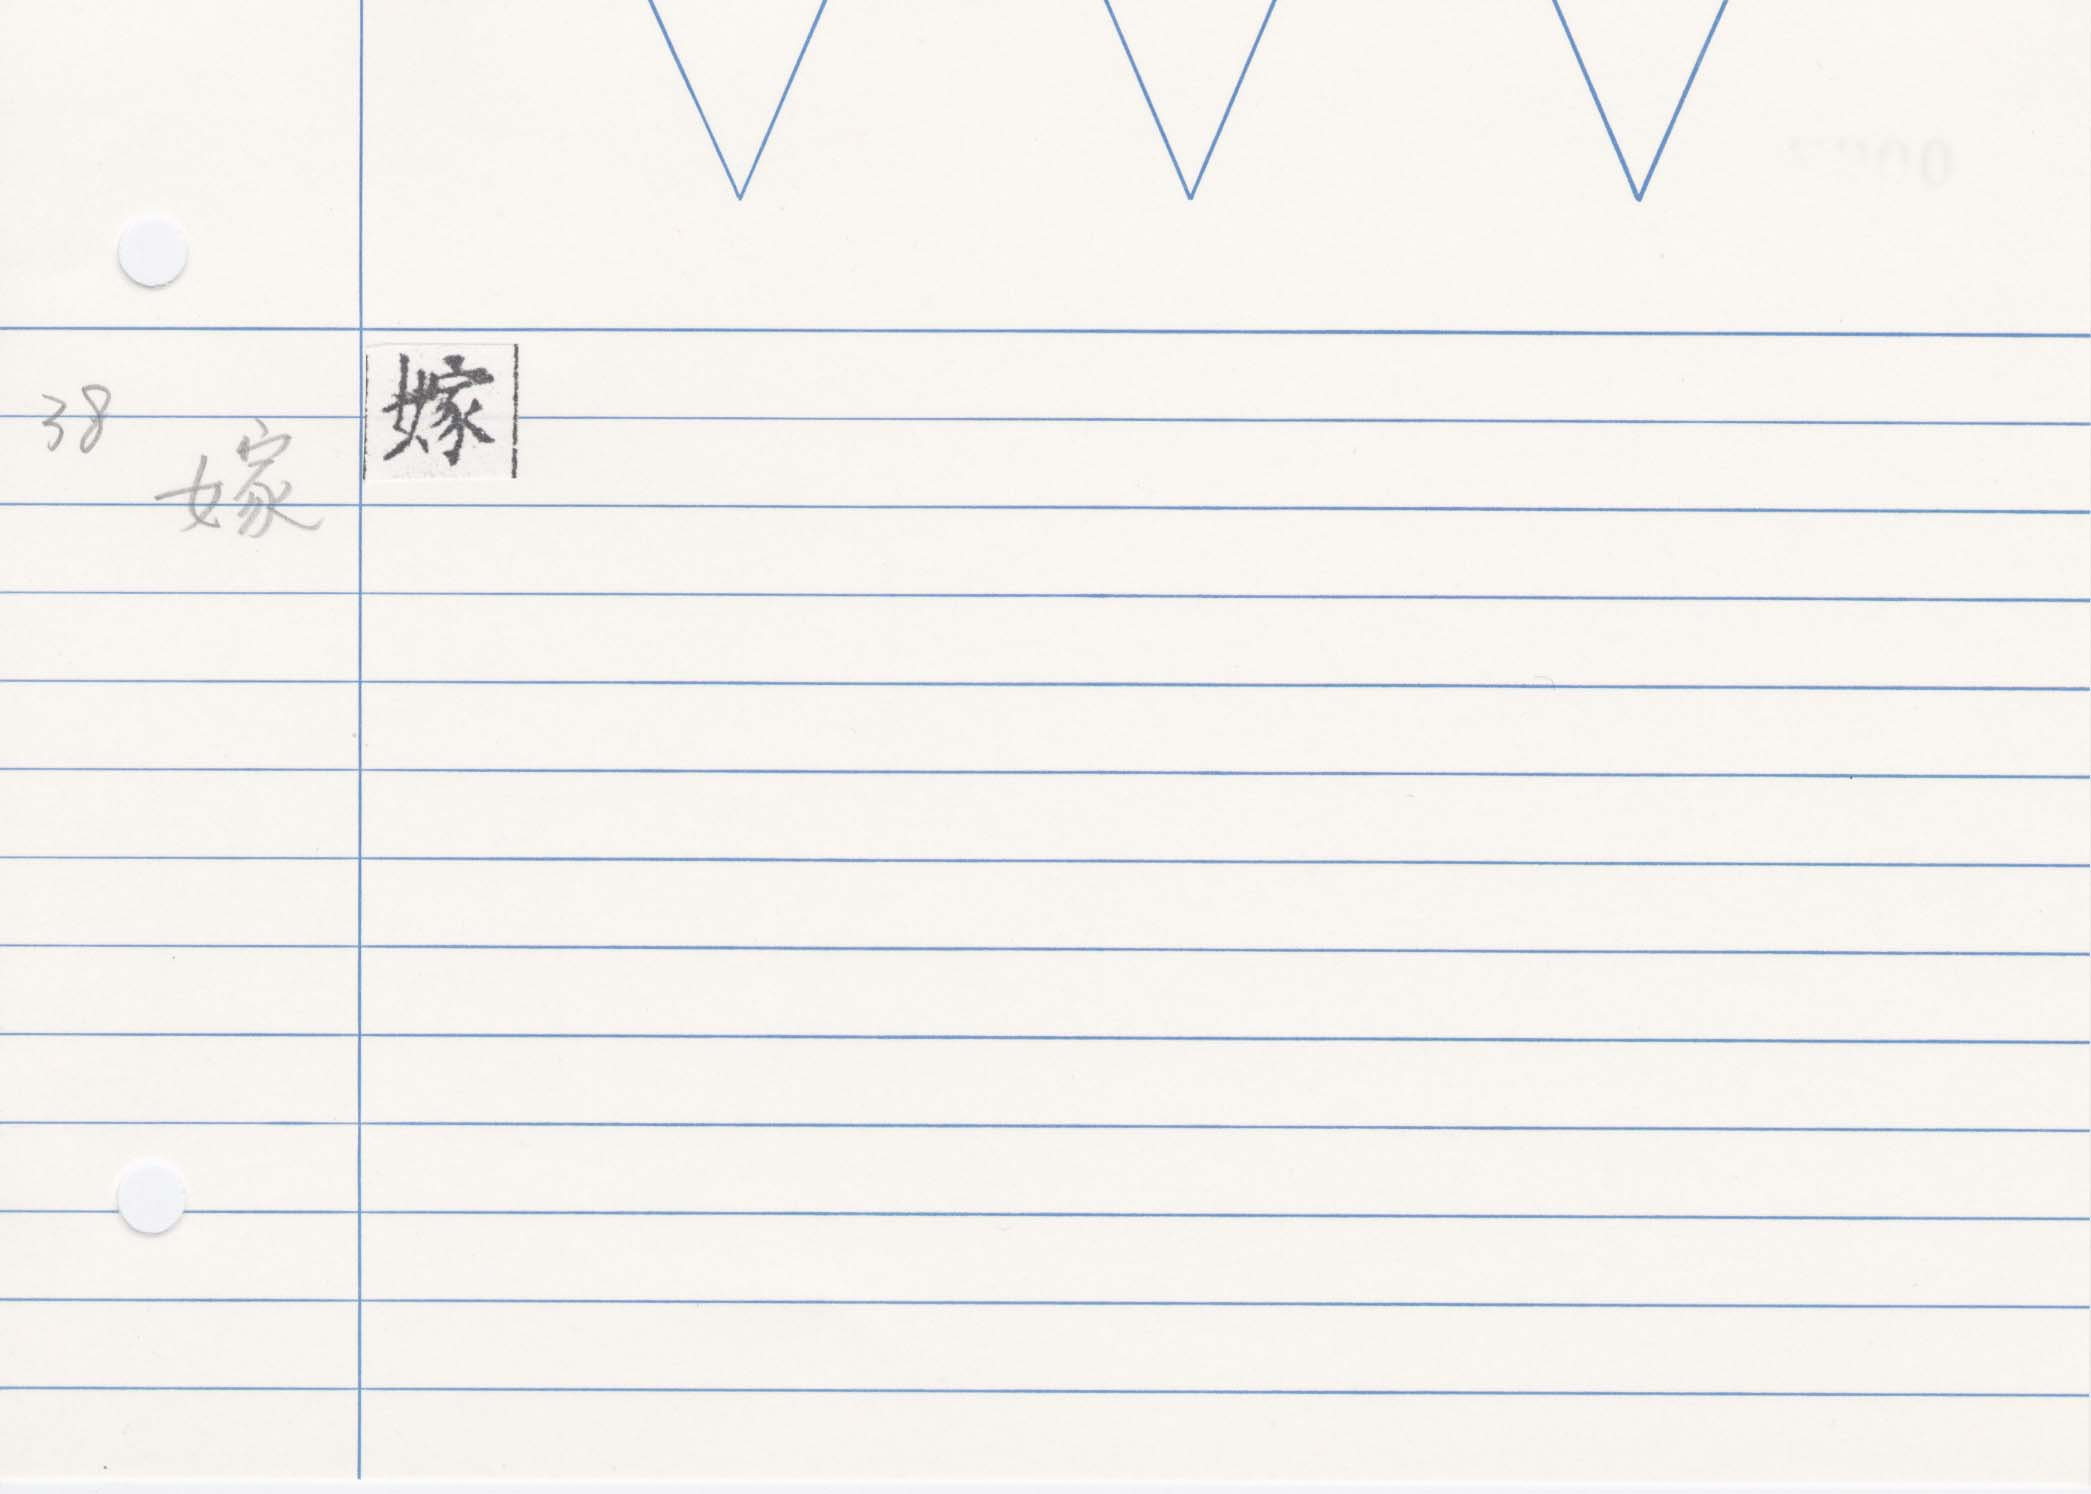 26_齊民要術卷五(高山寺本)/cards/0067.jpg